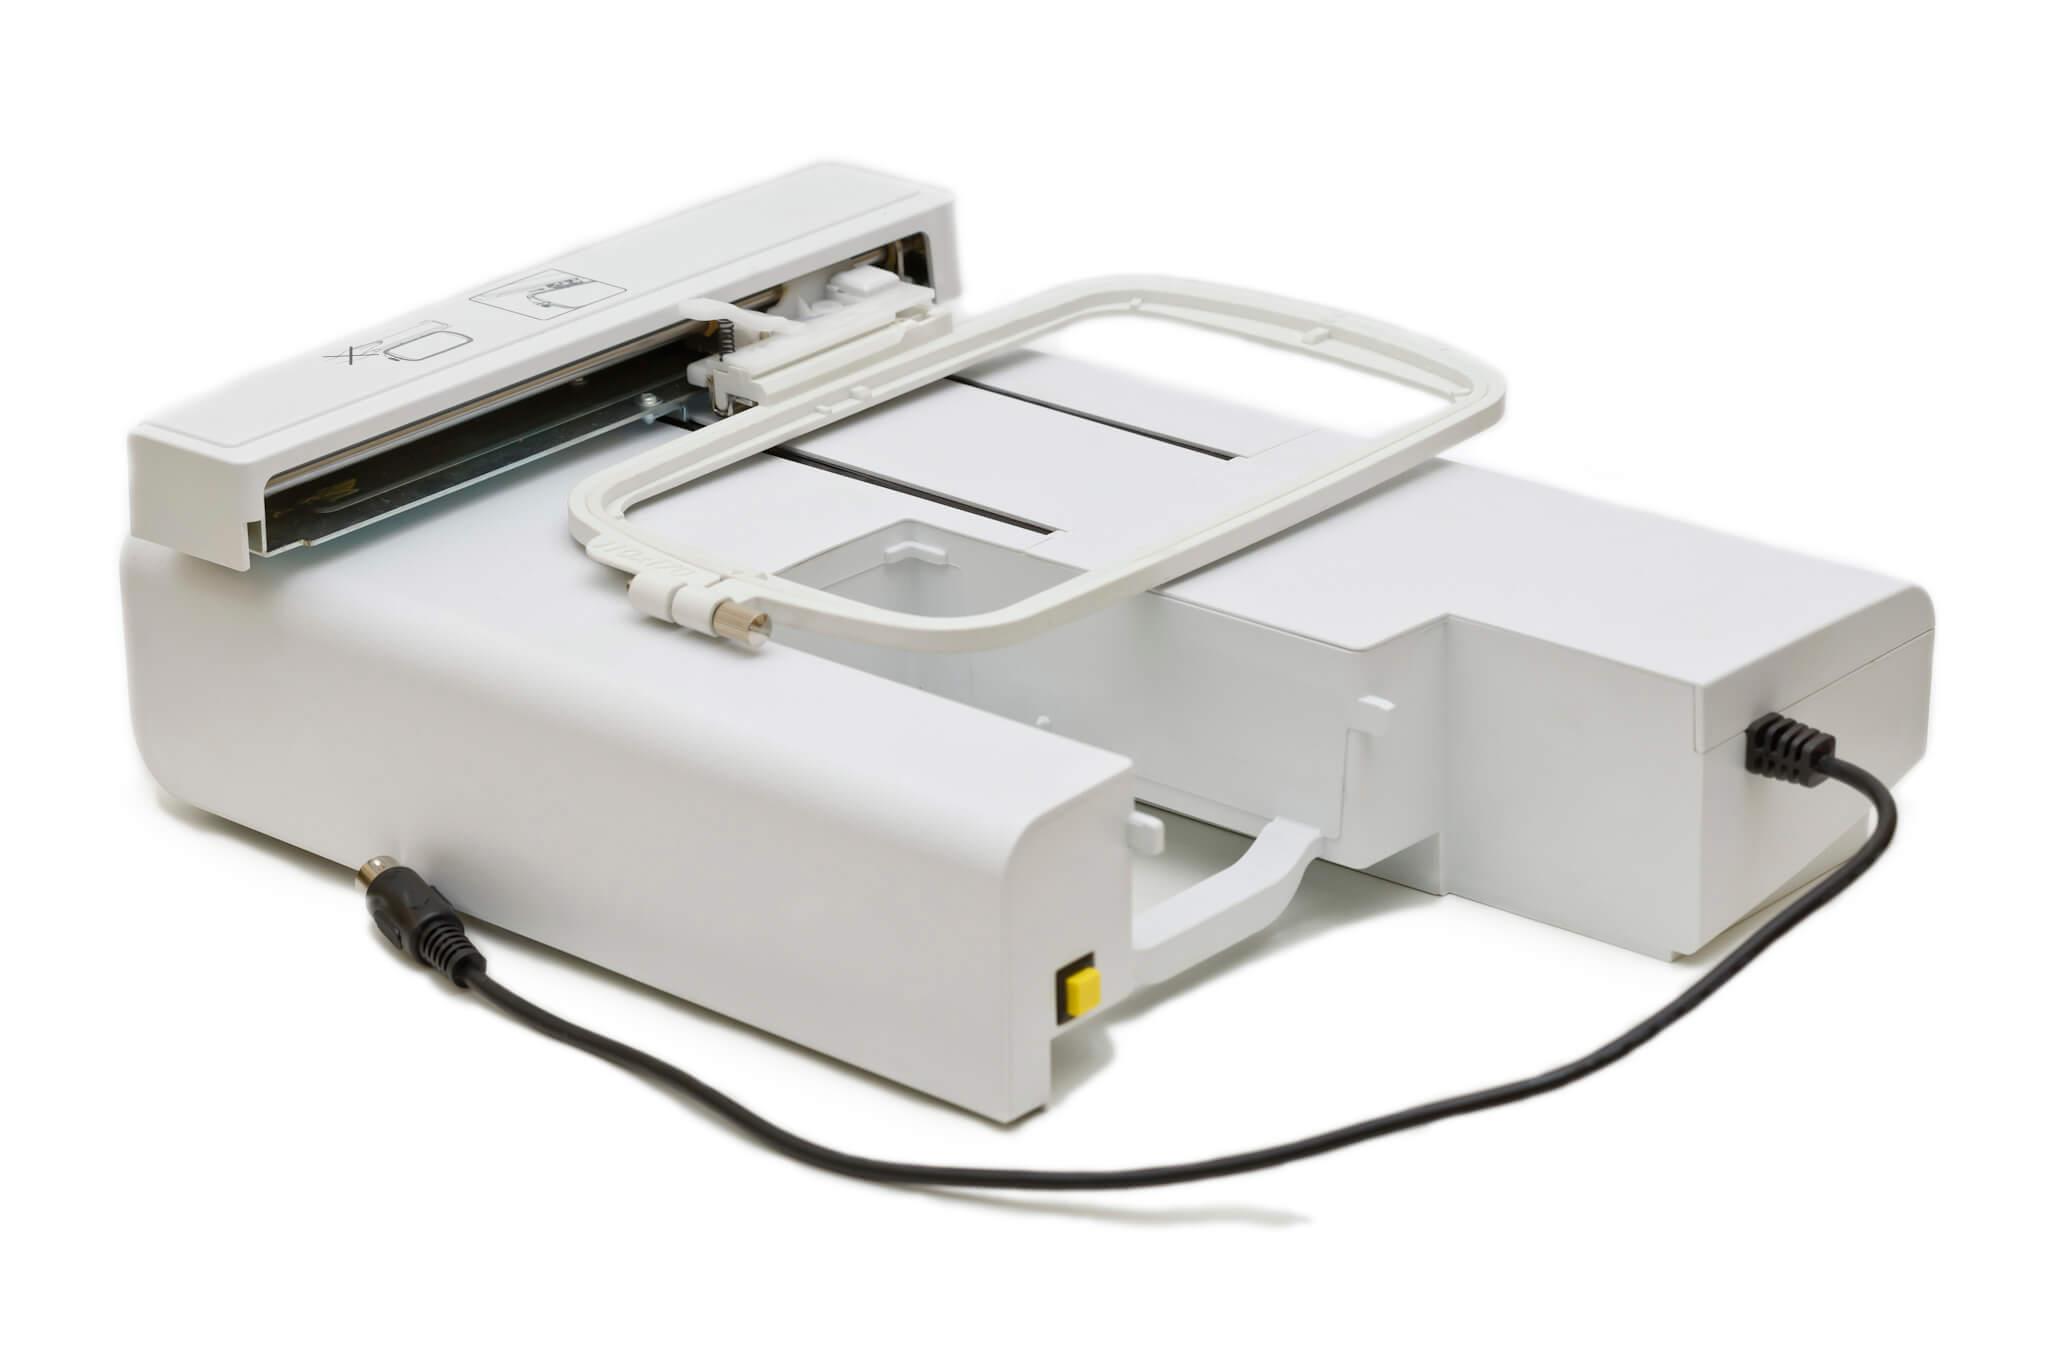 Швейно-вышивальная машина - фото 2 - советы по выбору в интернет–магазине Sewgroup